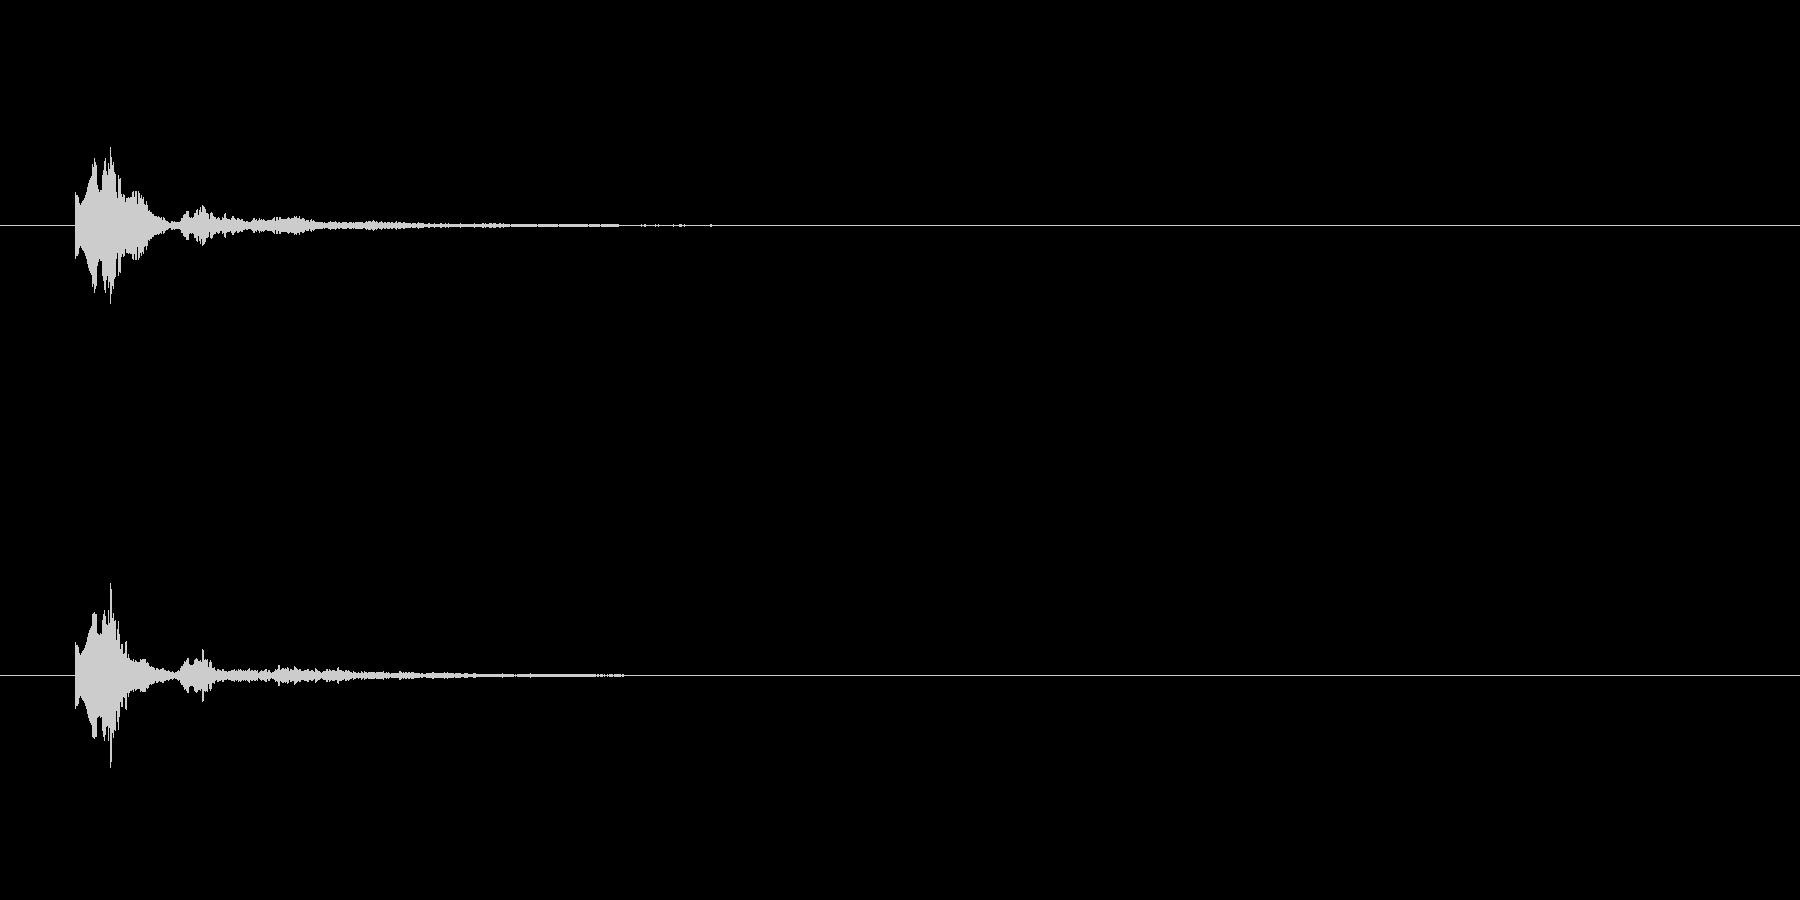 キャラン テロップ・決定音・タッチ音の未再生の波形